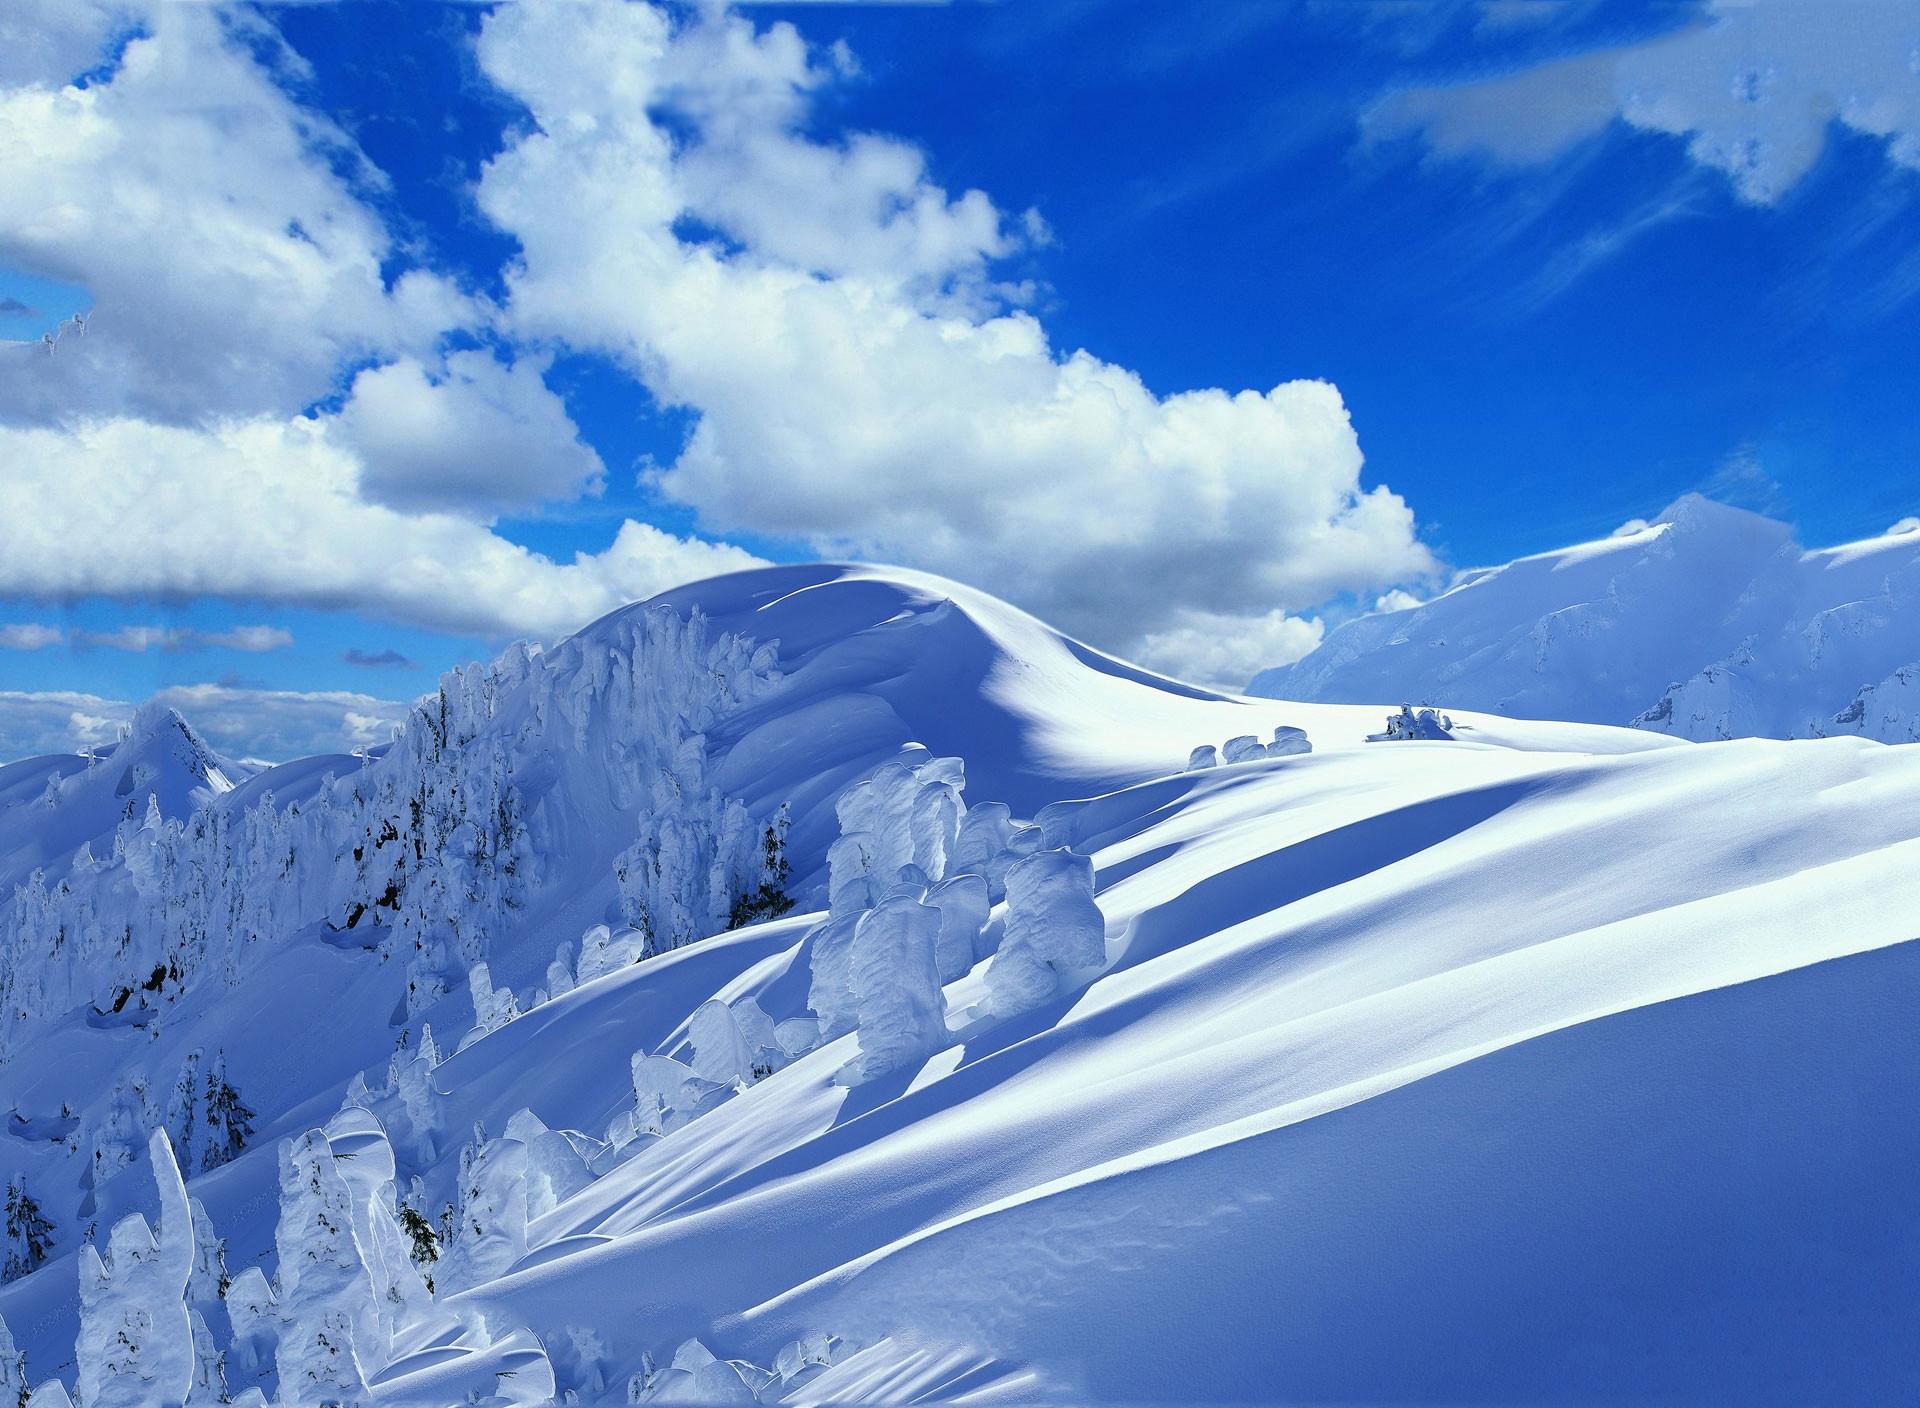 1024x10241024x7681280x12801920x1408800x800 · Snowy Mountains wallpaper